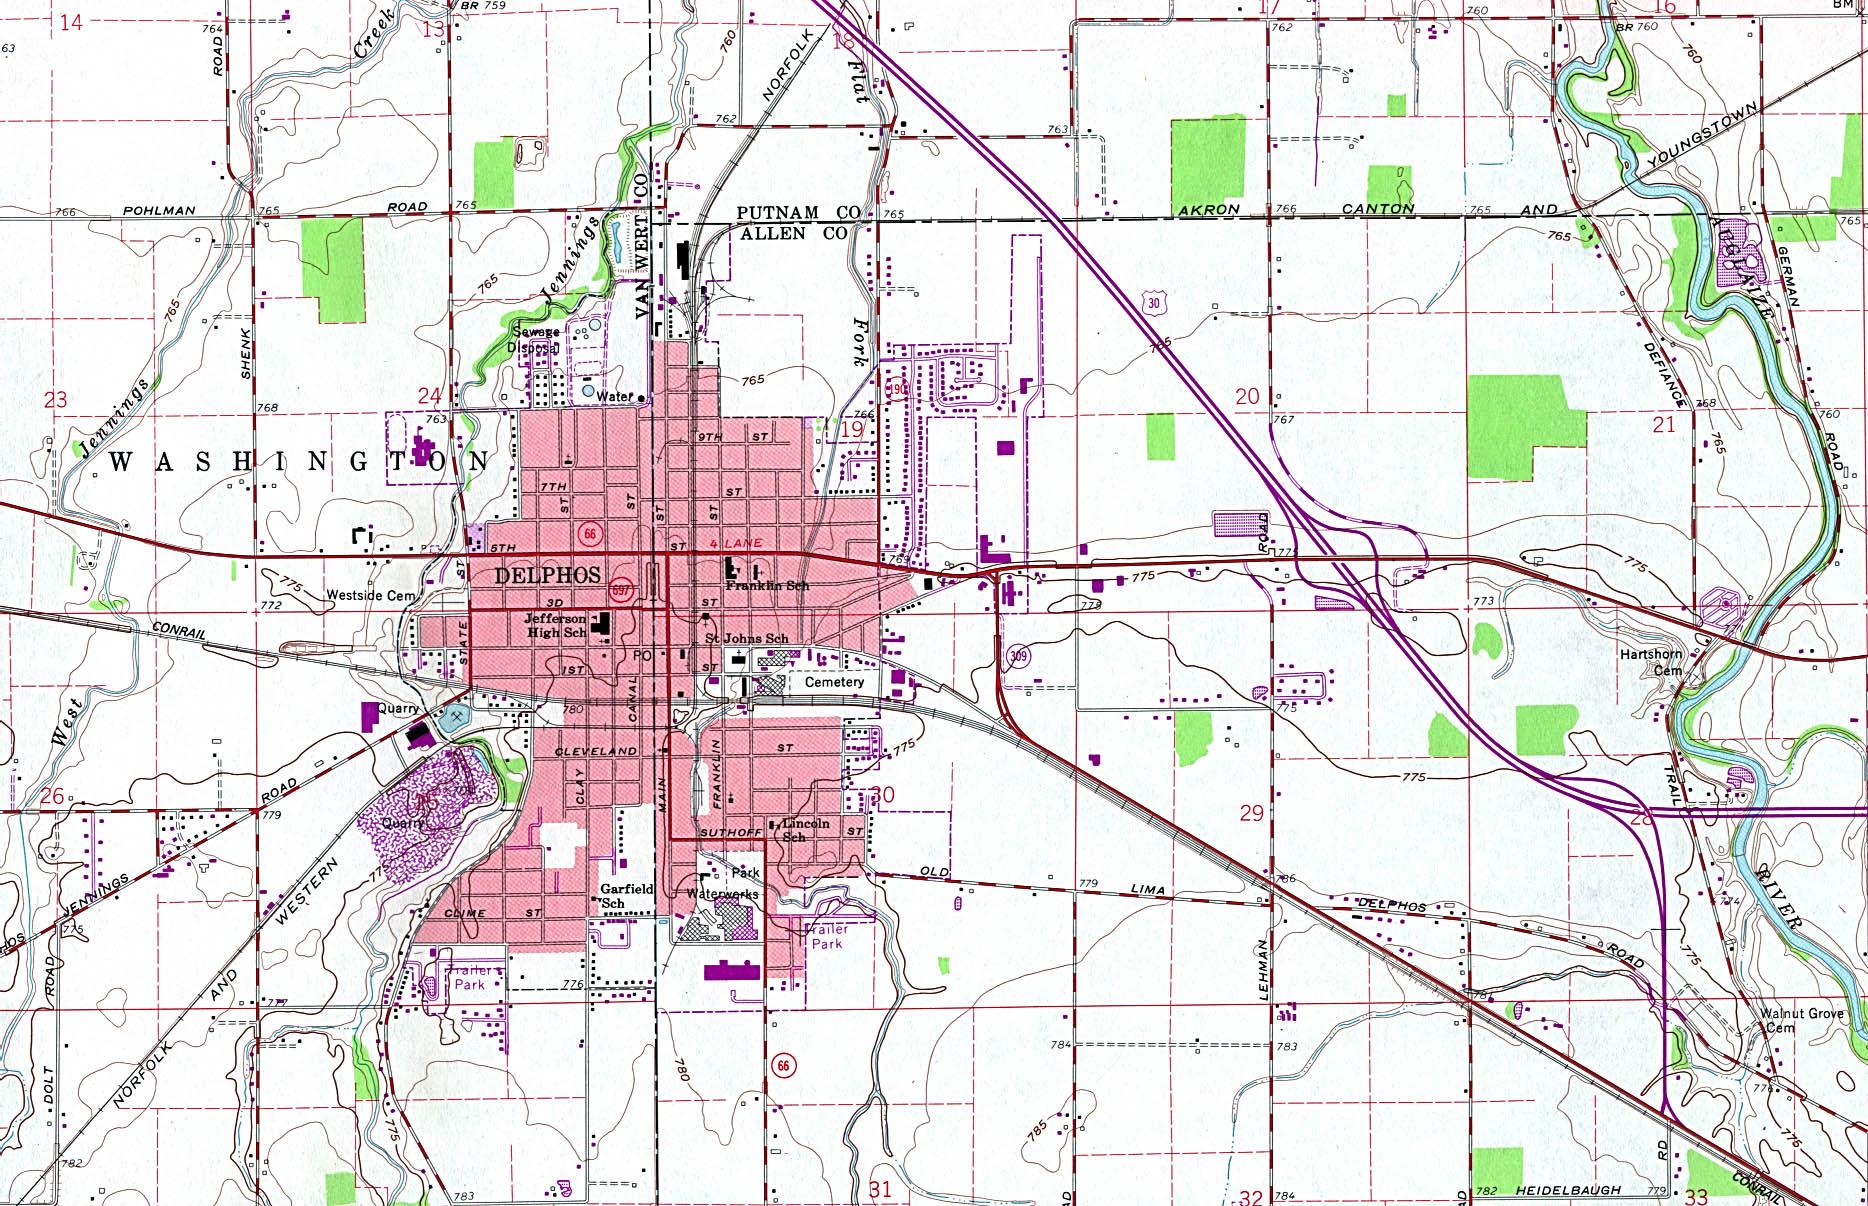 Mapa Topográfico de la Ciudad de Delphos, Ohio, Estados Unidos